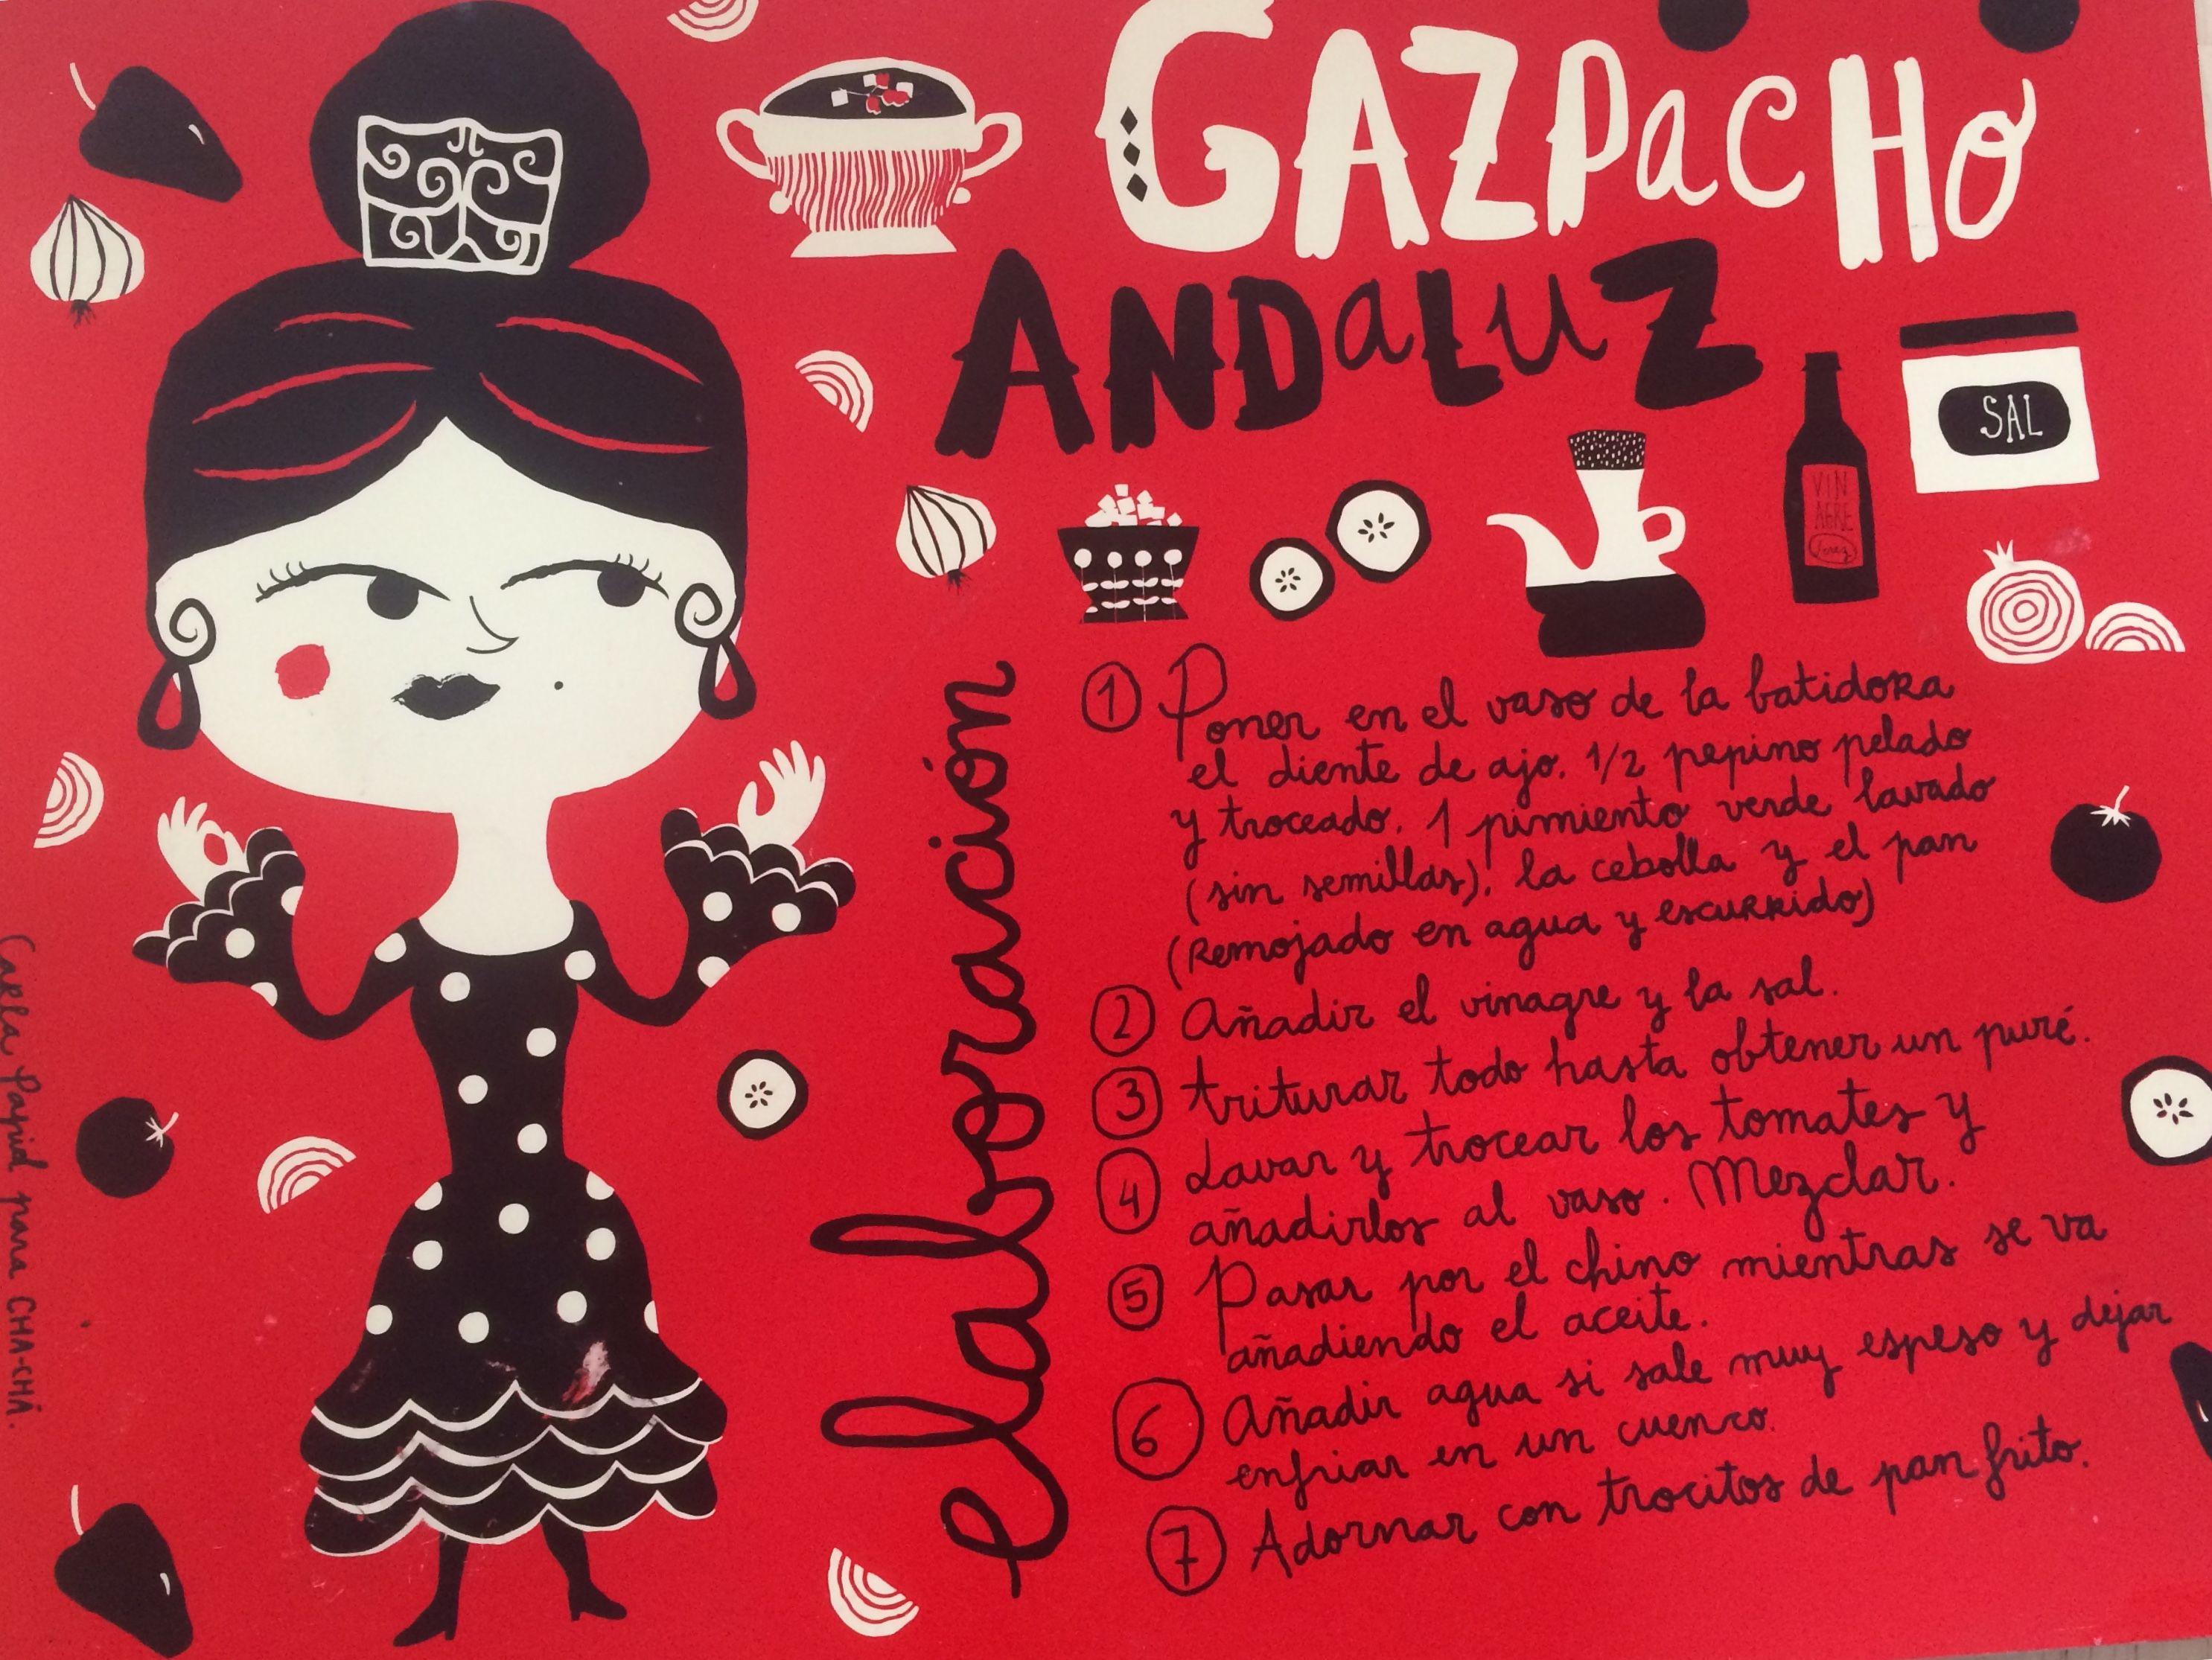 Al rico gazpacho carla papid gastronoma pinterest gazpacho spanish language al rico gazpacho carla papid forumfinder Gallery